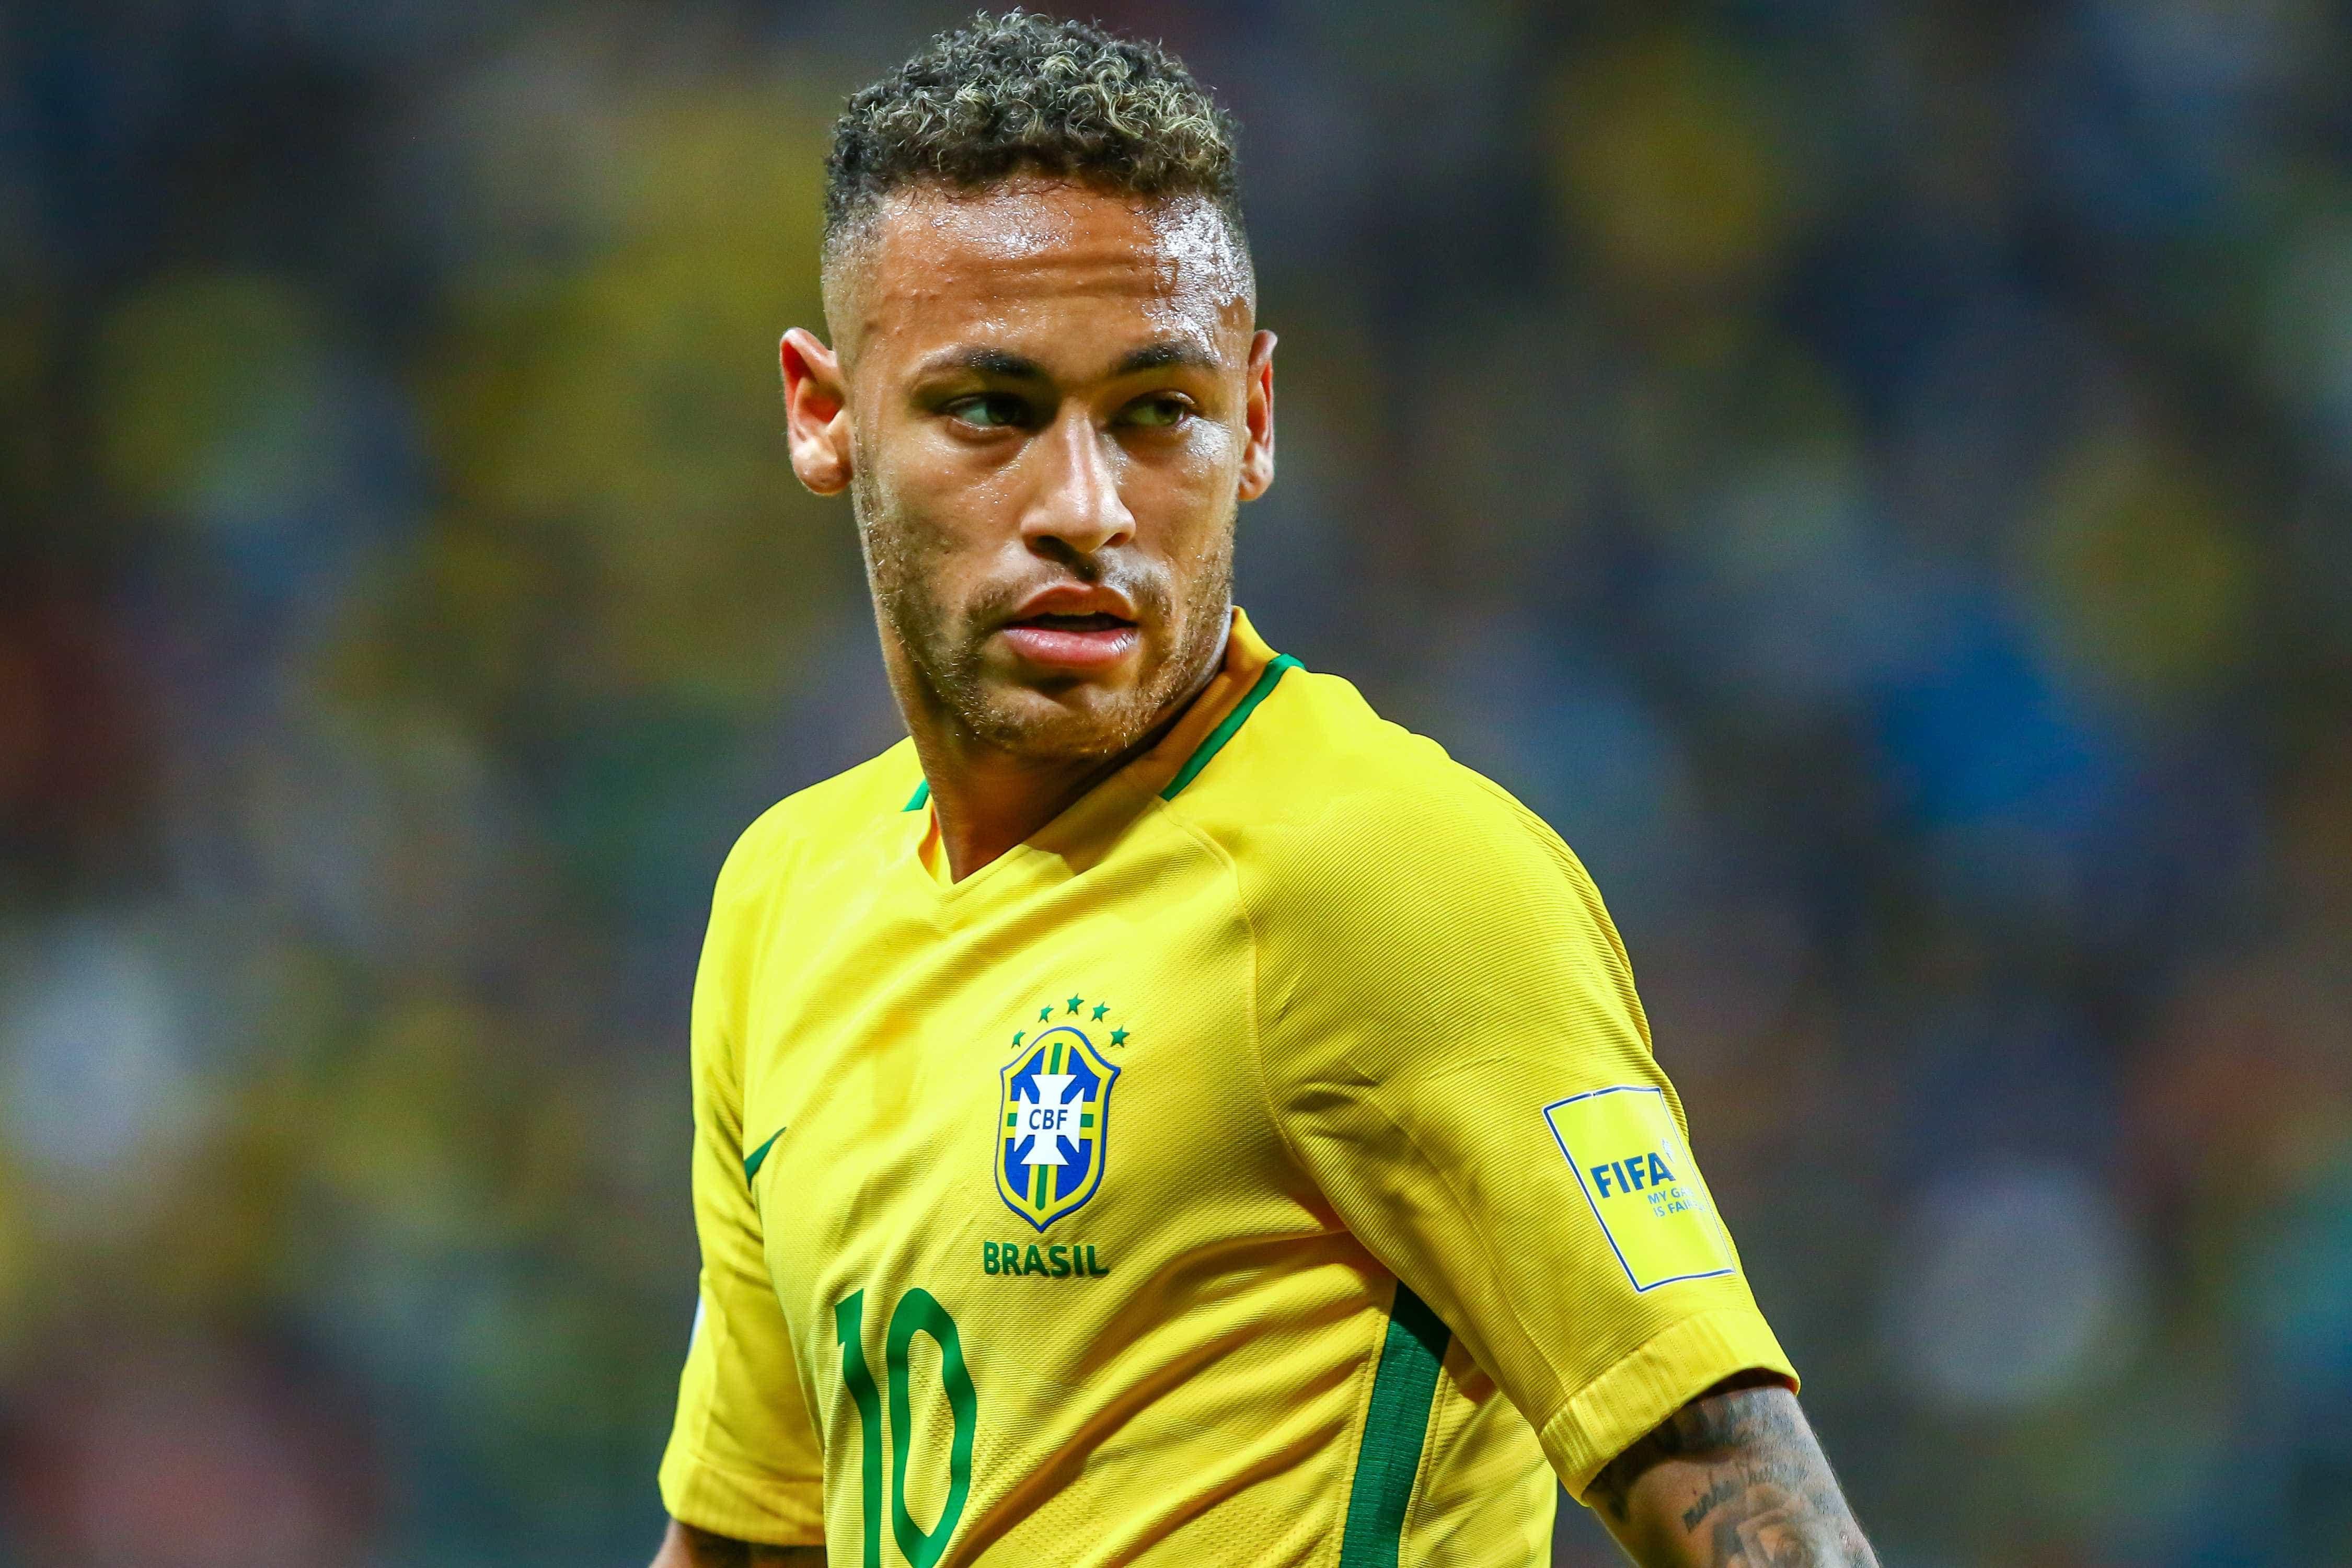 Seleção trabalha para Neymar chegar à Copa 'como Ronaldo em 2002'